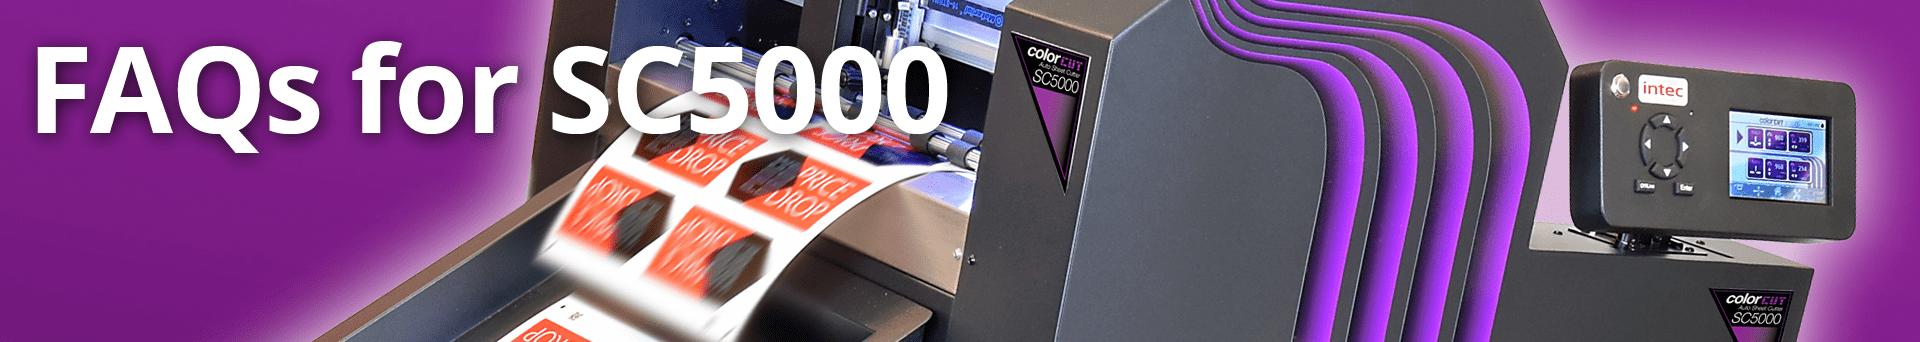 FAQ SC5000 slice